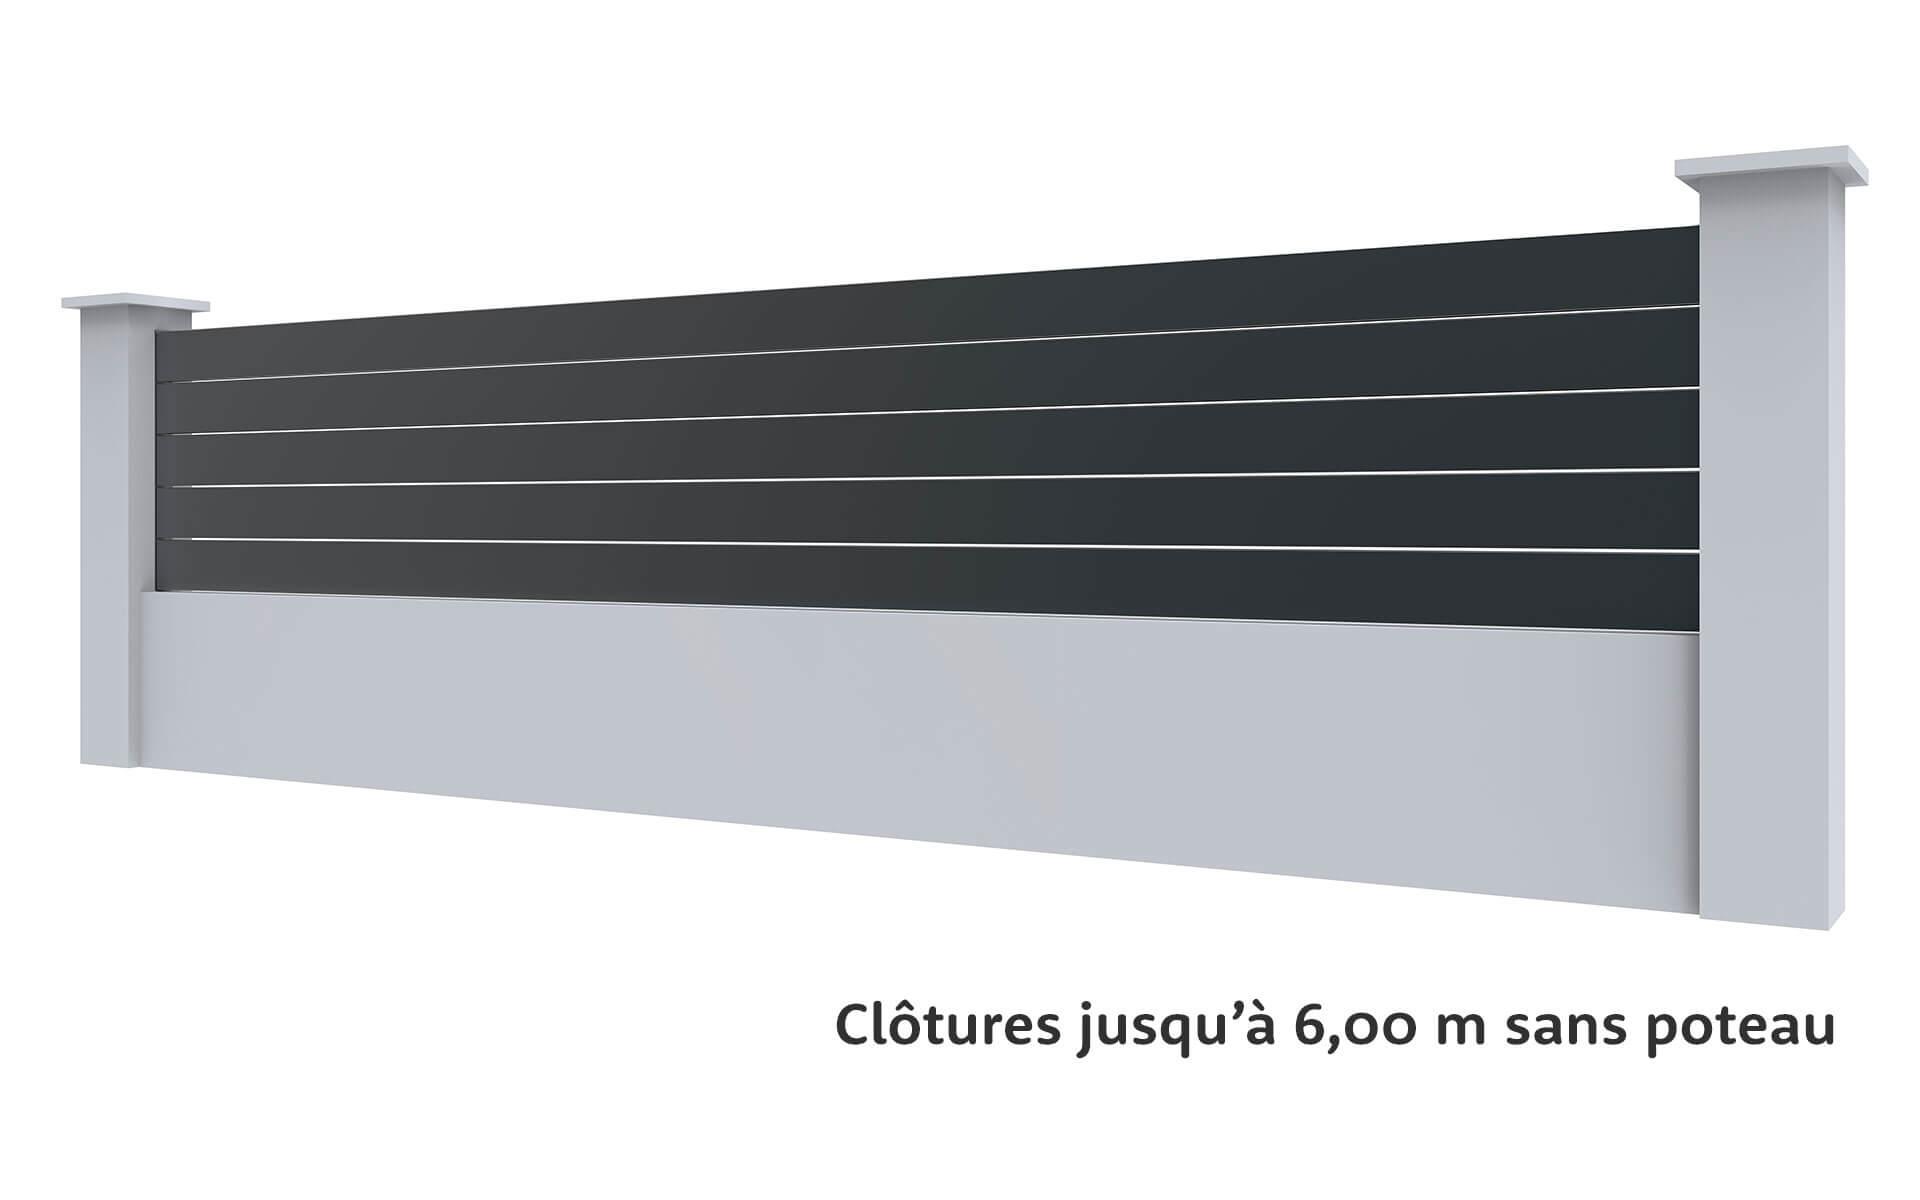 Clôture Premium XXL jusqu'à 6,00 m -Cofreco